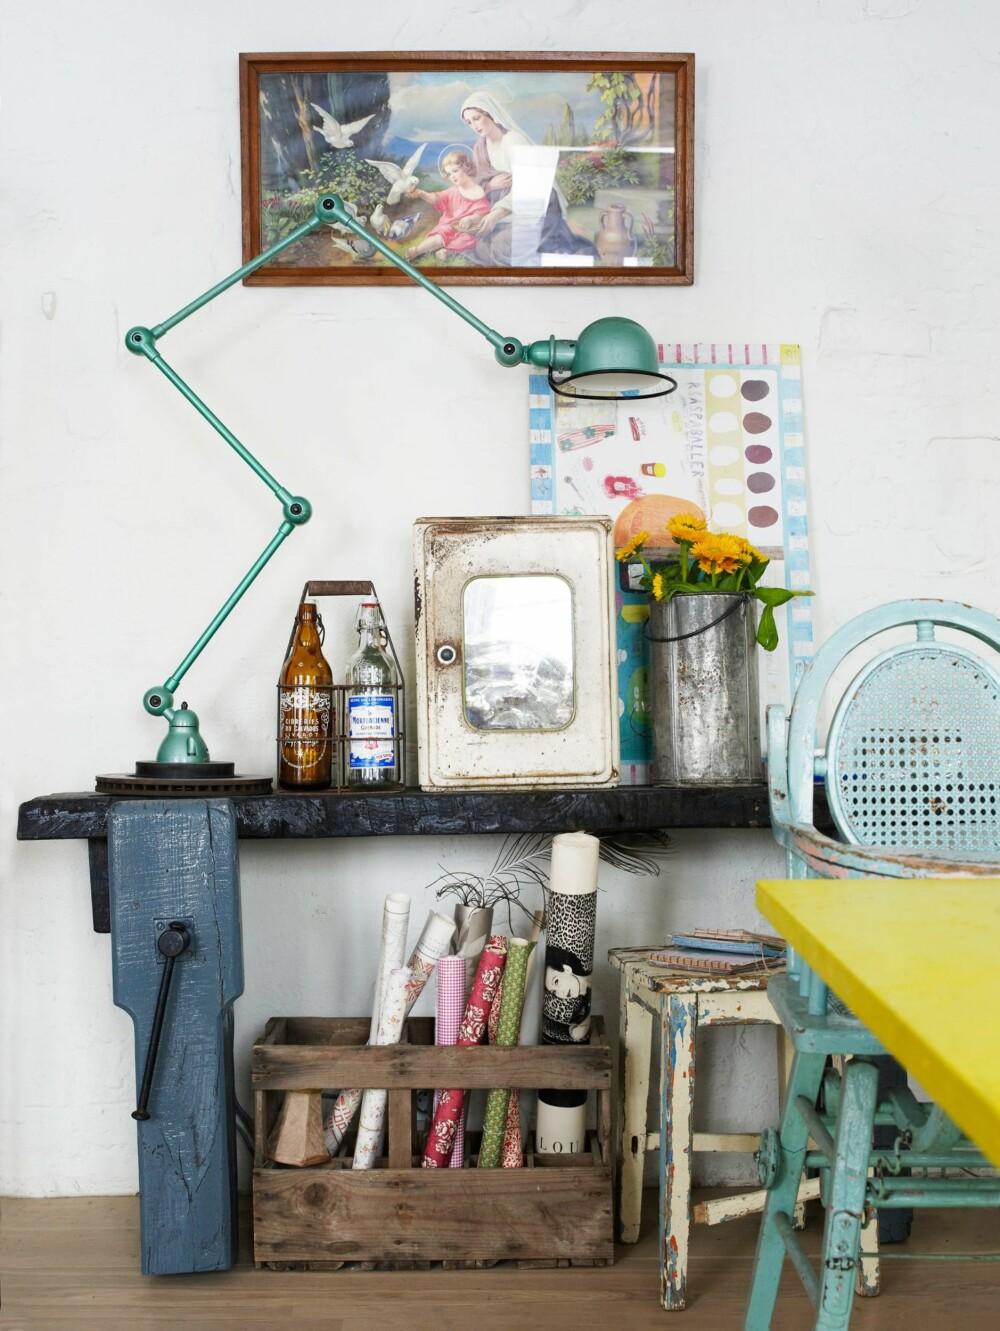 VAKKERT STILLEBEN: Det er mange stilleben i det gamle huset. Dette består av en dreiebenk, en Jielde-lampe, et medisinskap, et religiøst bilde, en blikkbøtte og limonade- og ølflasker, alt kjøpt brukt i Frankrike. Bak til høyre står Ninas eget design, barndommens oppskrifter på kleppmelk og raspeballer.